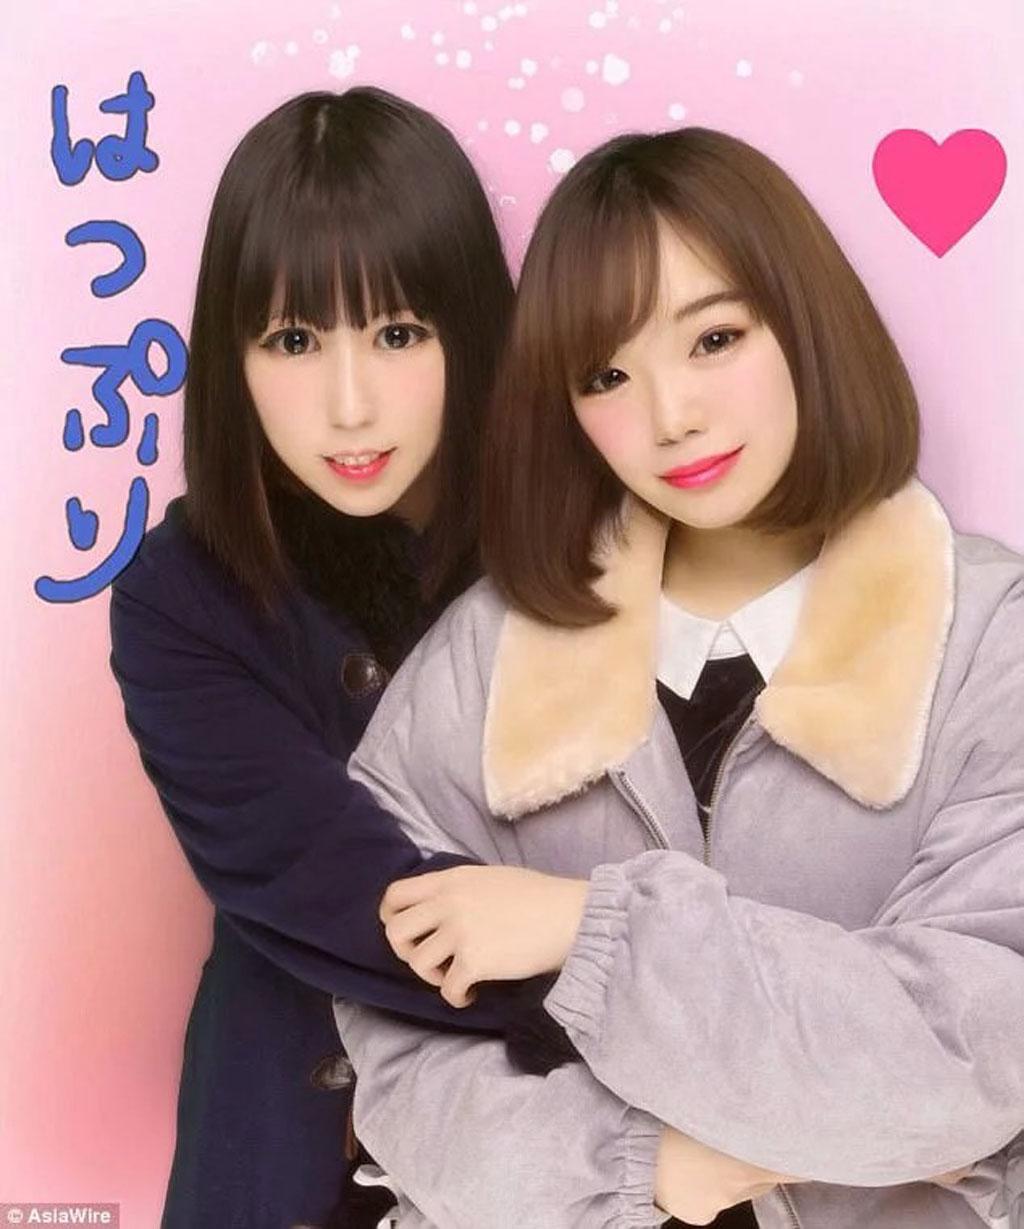 japonesa_cautiva_recuperada.jpg